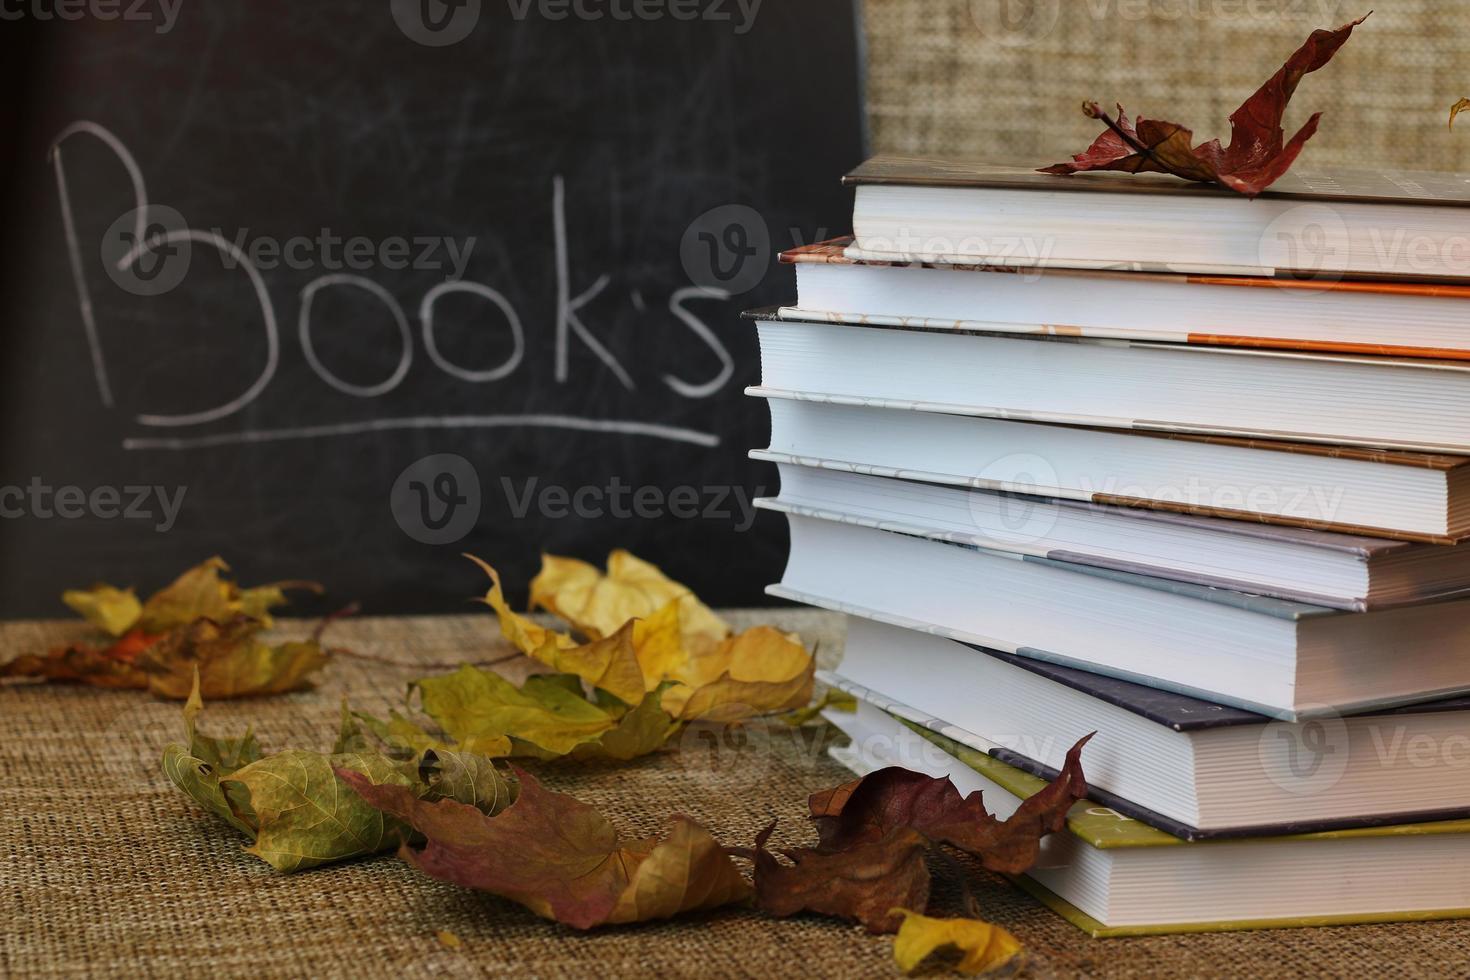 les manuels scolaires quittent l'année scolaire photo